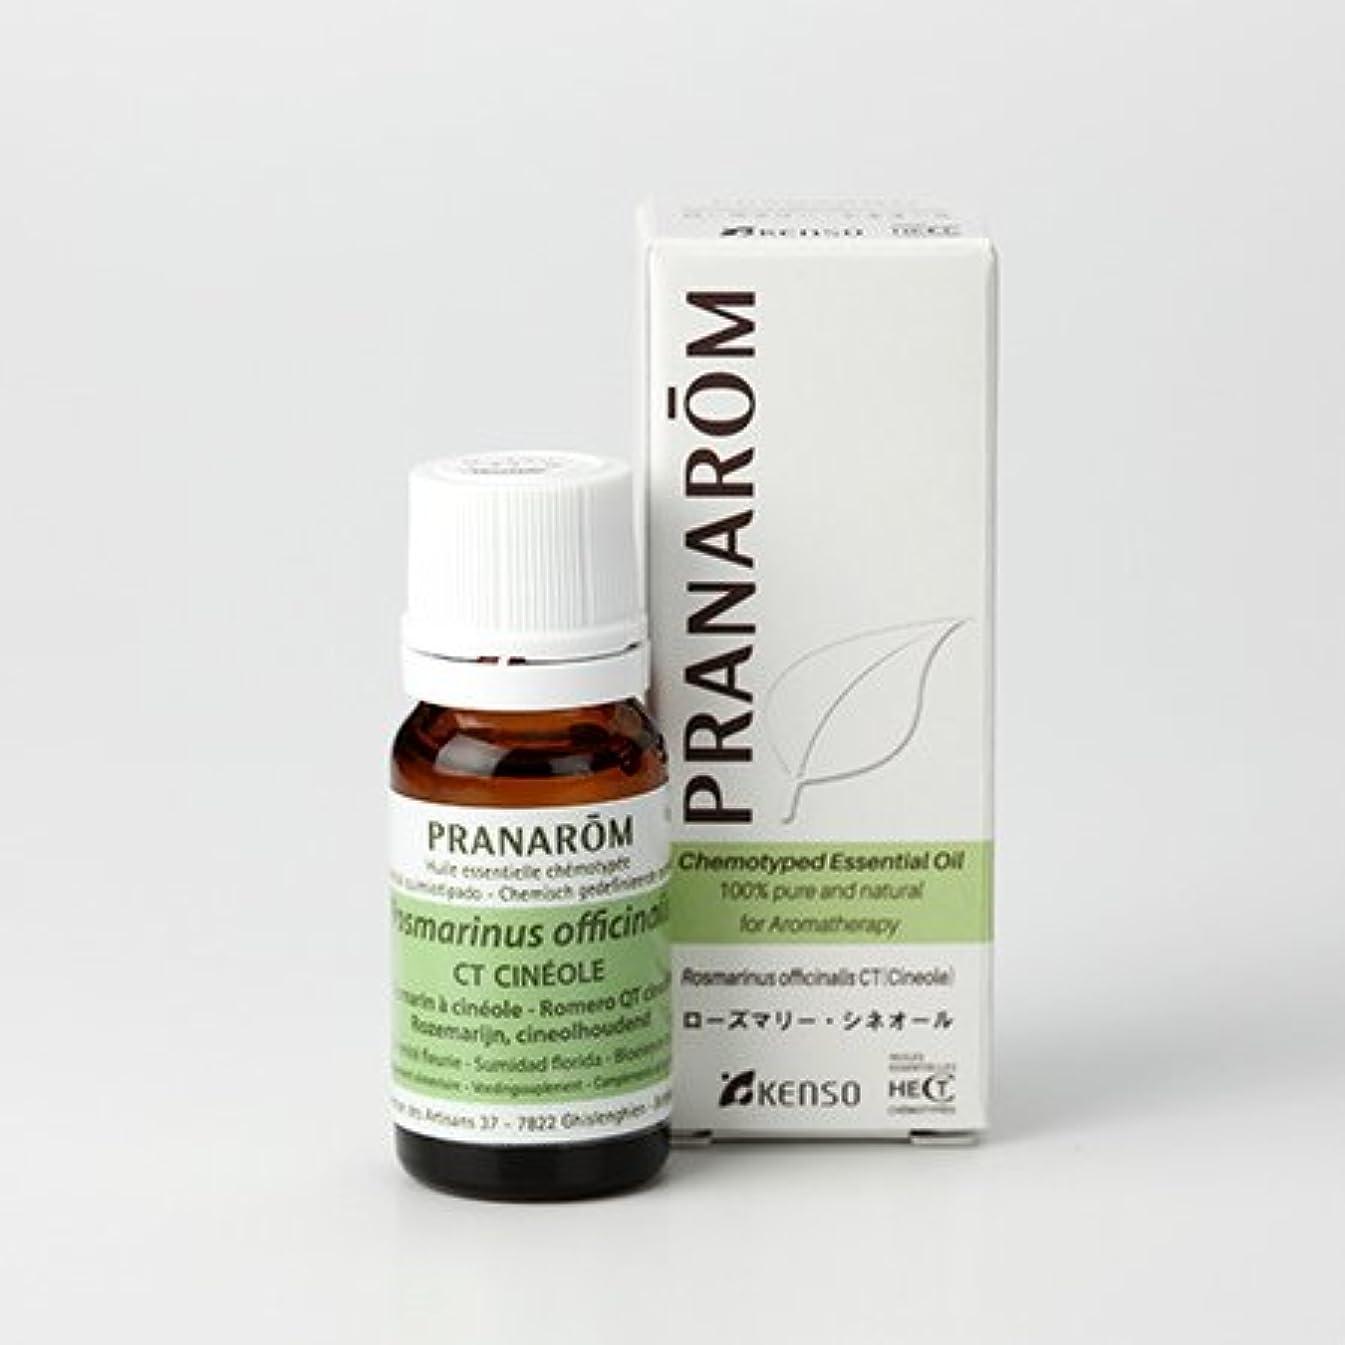 行オーバーヘッド精神プラナロム ローズマリーシネオール 10ml (PRANAROM ケモタイプ精油)